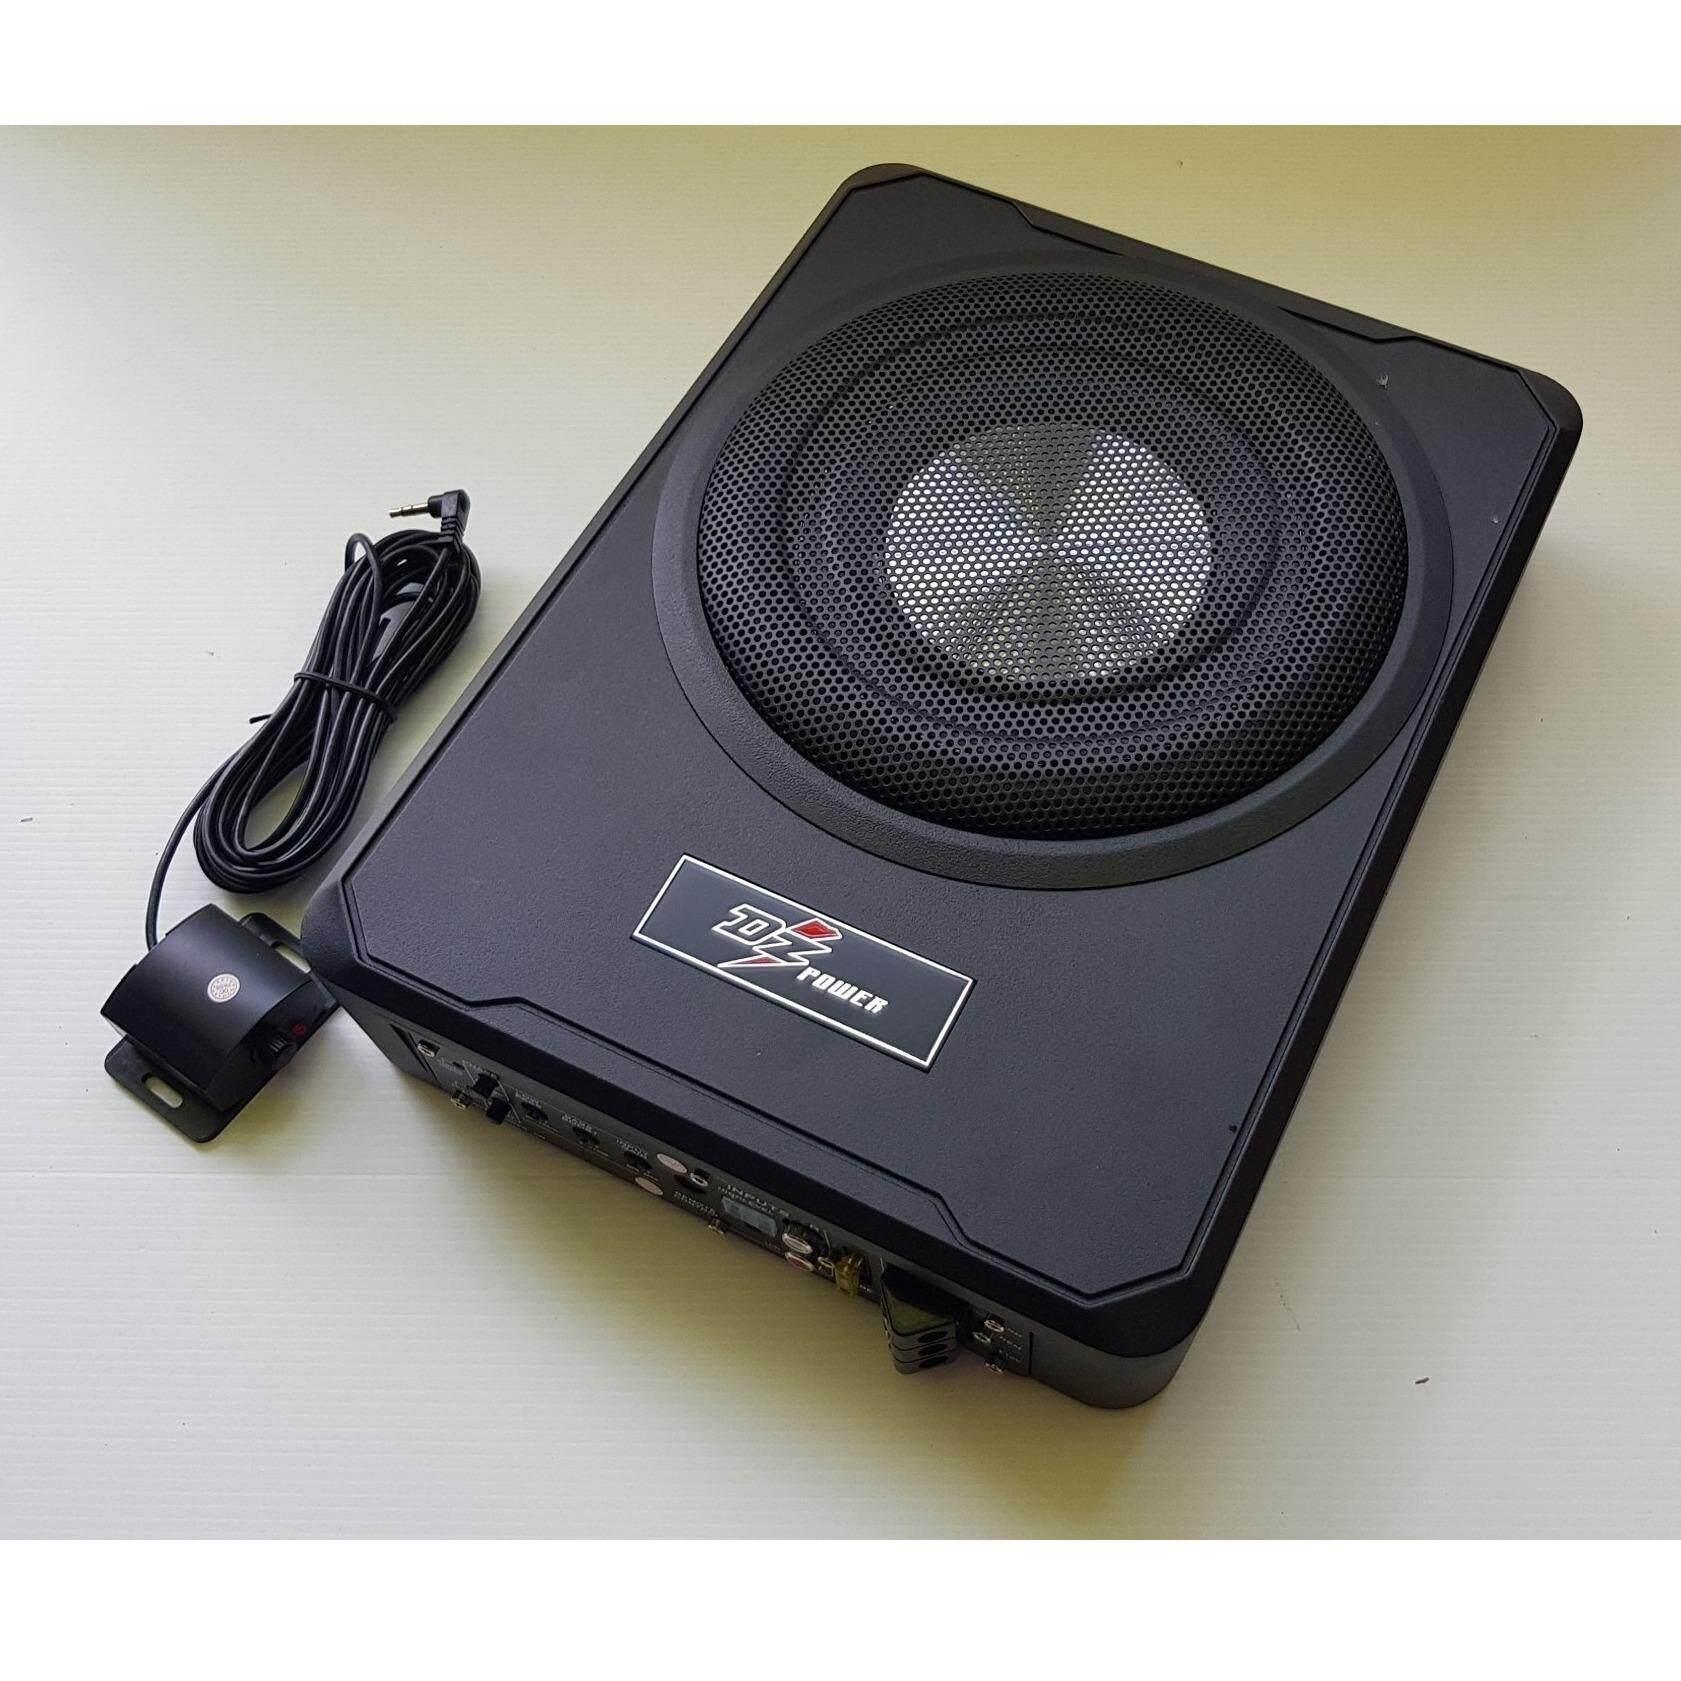 ขาย Dz Power Subbox ซัฟวูปเฟอร์ ดอกขนาด 8นิ้ว รีโหมทสายบูทเบส เบสลงลึก นุ่มลอย 150 Rms Dz Power รุ่น Dz 888 1 เครื่อง สีดำ รถวิทยุเดิมใช้ได้ มีช่อง Hi To Low ในตัว กรุงเทพมหานคร ถูก